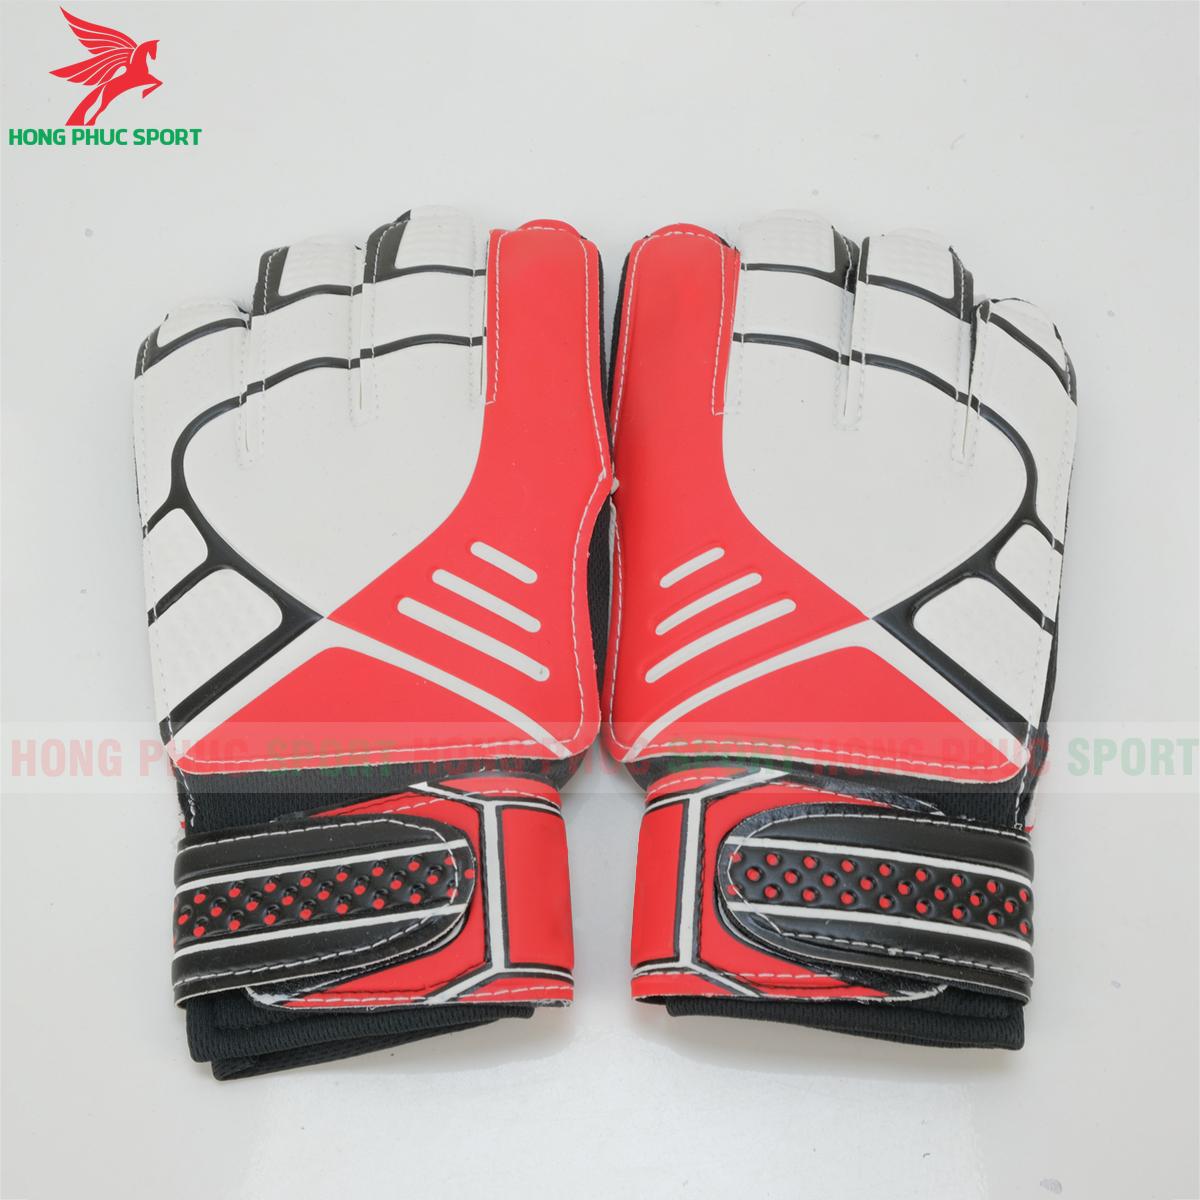 Găng tay thủ môn Adidas màu đỏ (mẫu 2)